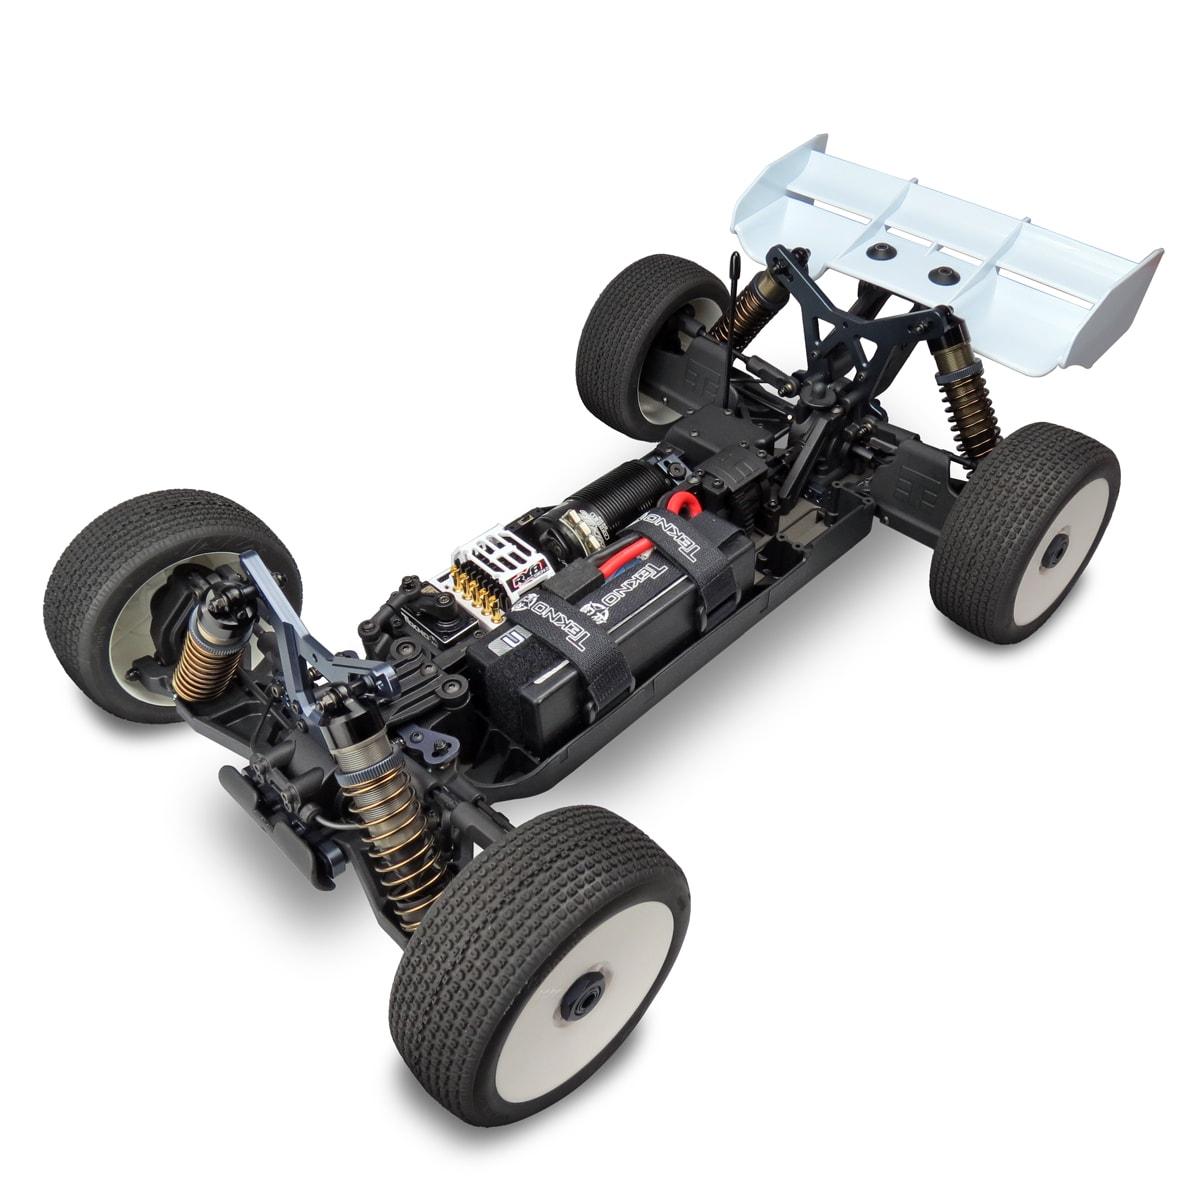 4 Wheel Additionally Traxxas Slash 4x4 Slipper Clutch On Parts Diagram